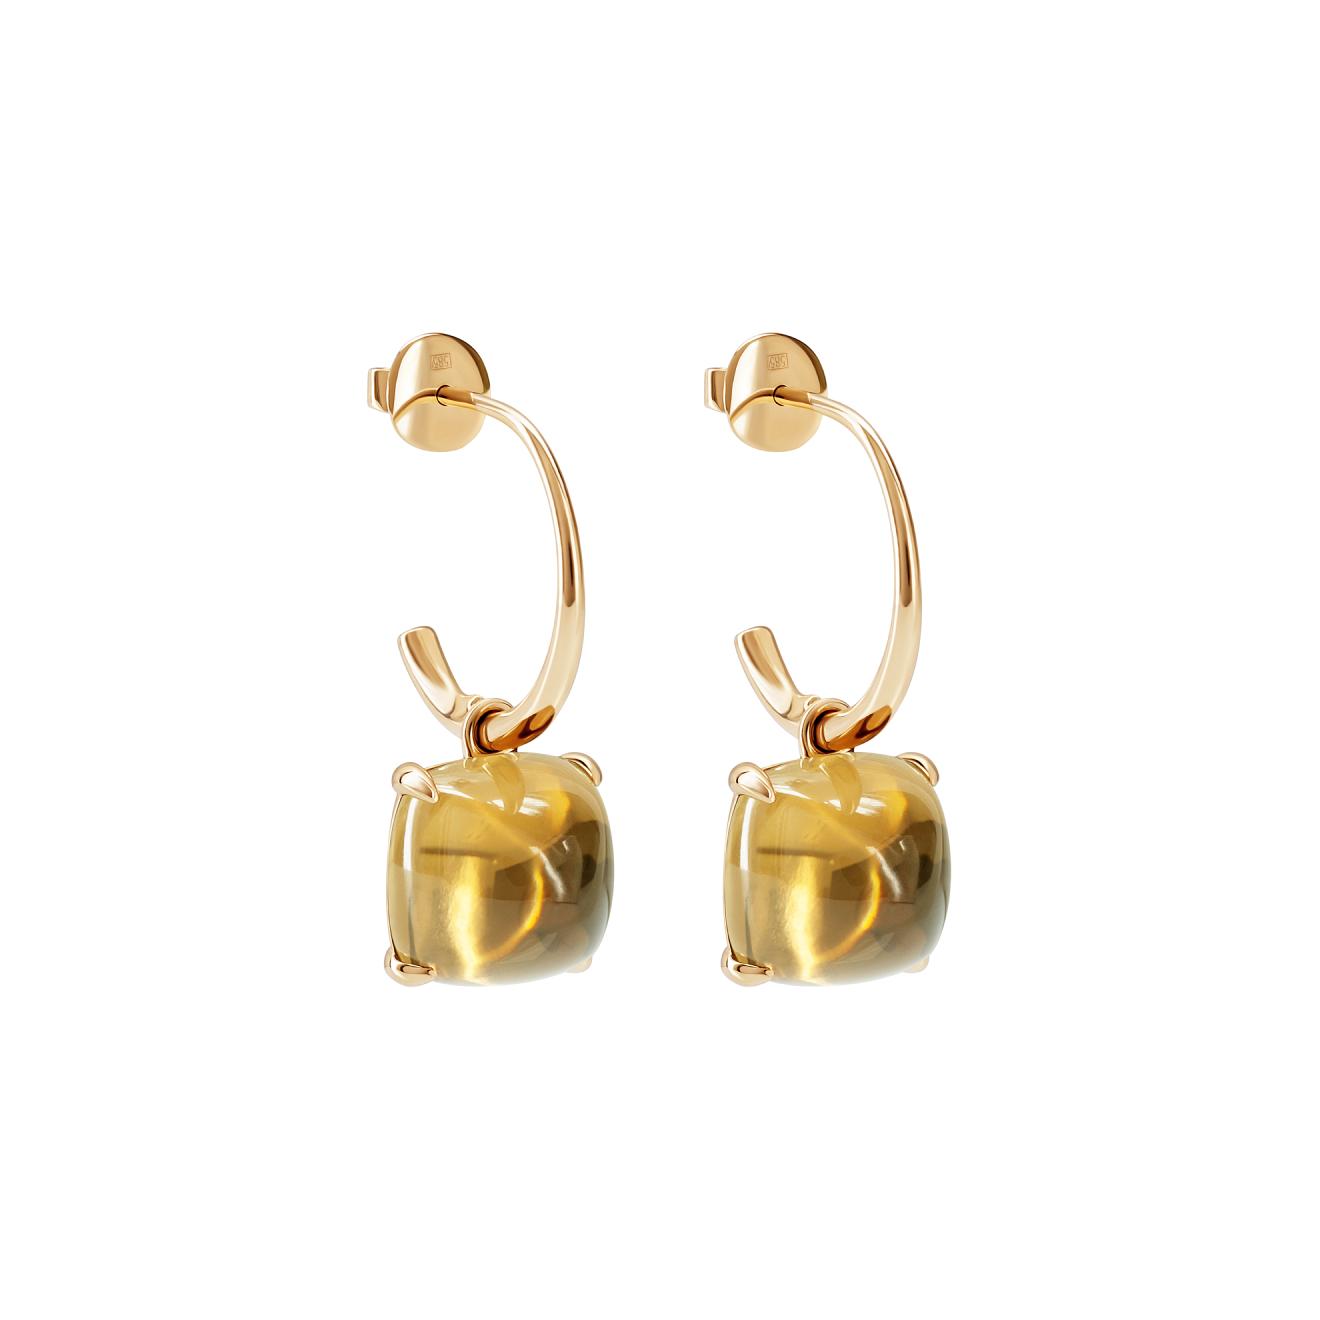 Leonie Jewelry Серьги из золота Kisses Maxi с цитрином